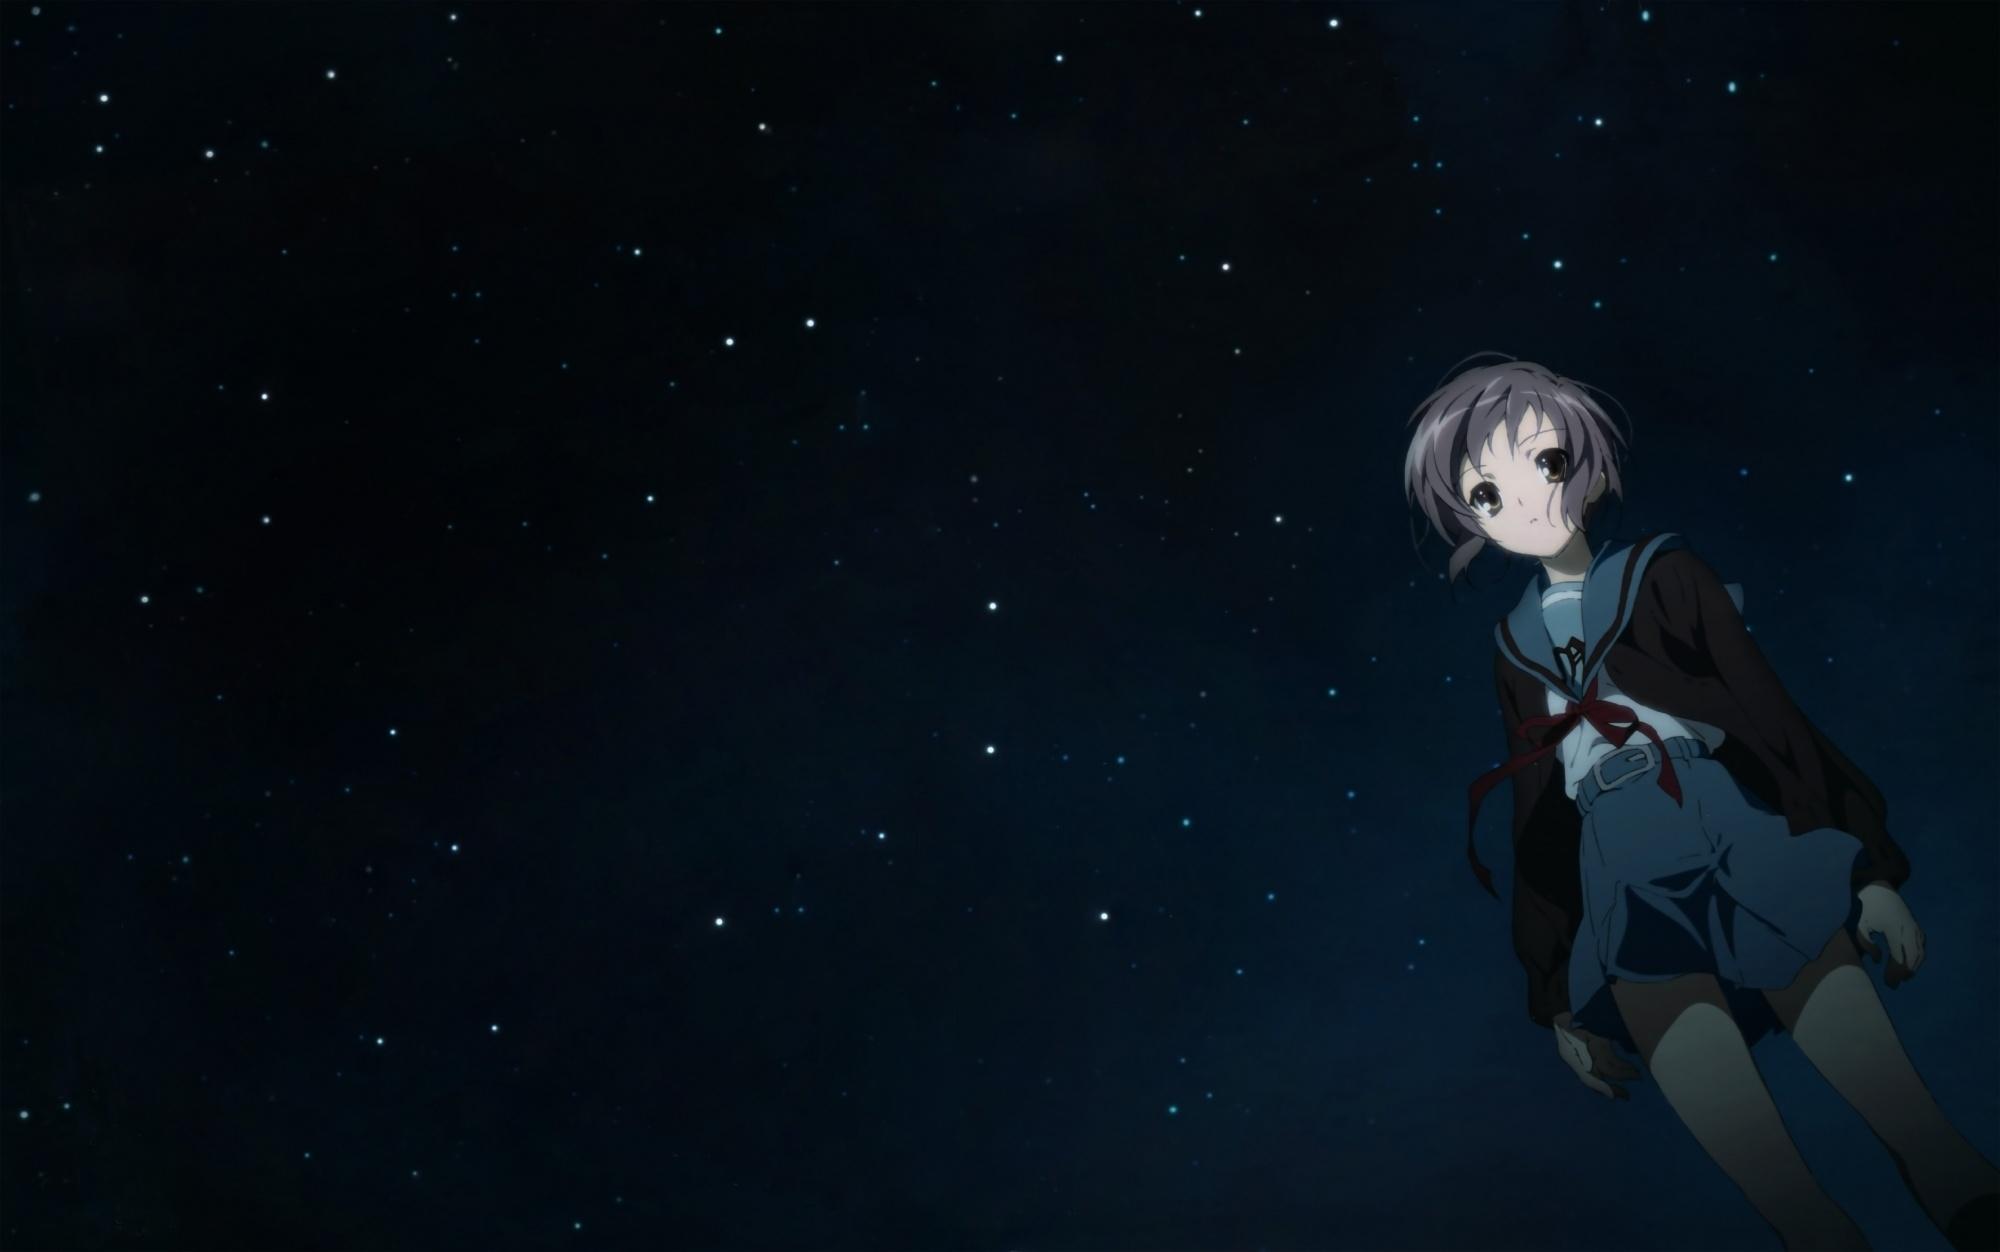 Yuki-Nagato-the-melancholy-of-haruhi-suzumiya-17666113-2000-1252